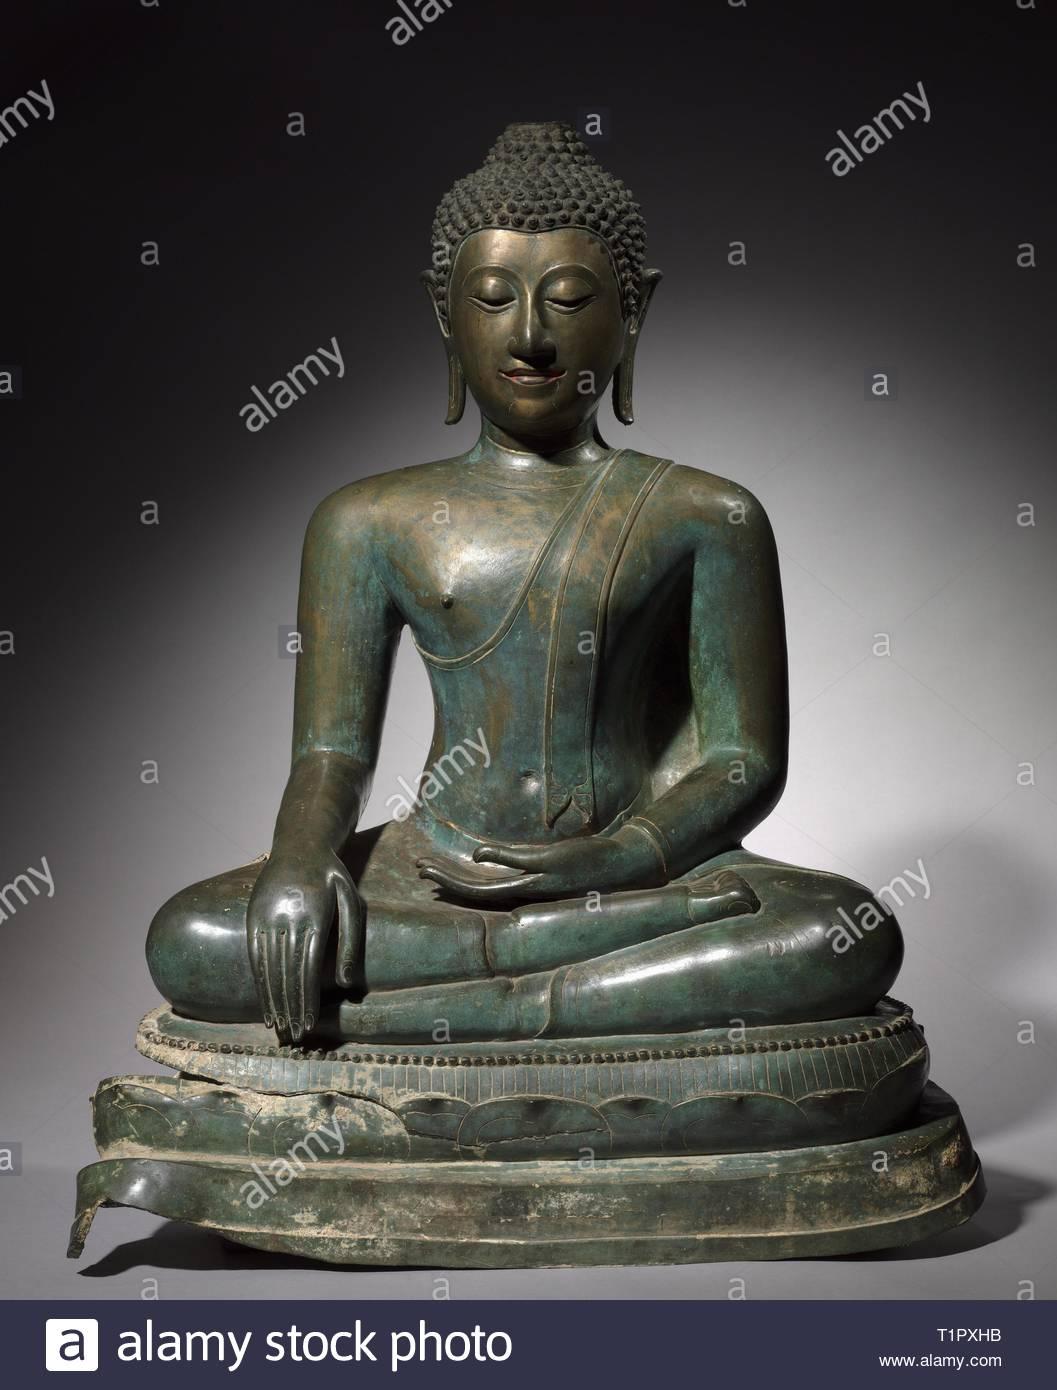 Geschwindigkeit datieren Jade Buddha 30 datiert von 19